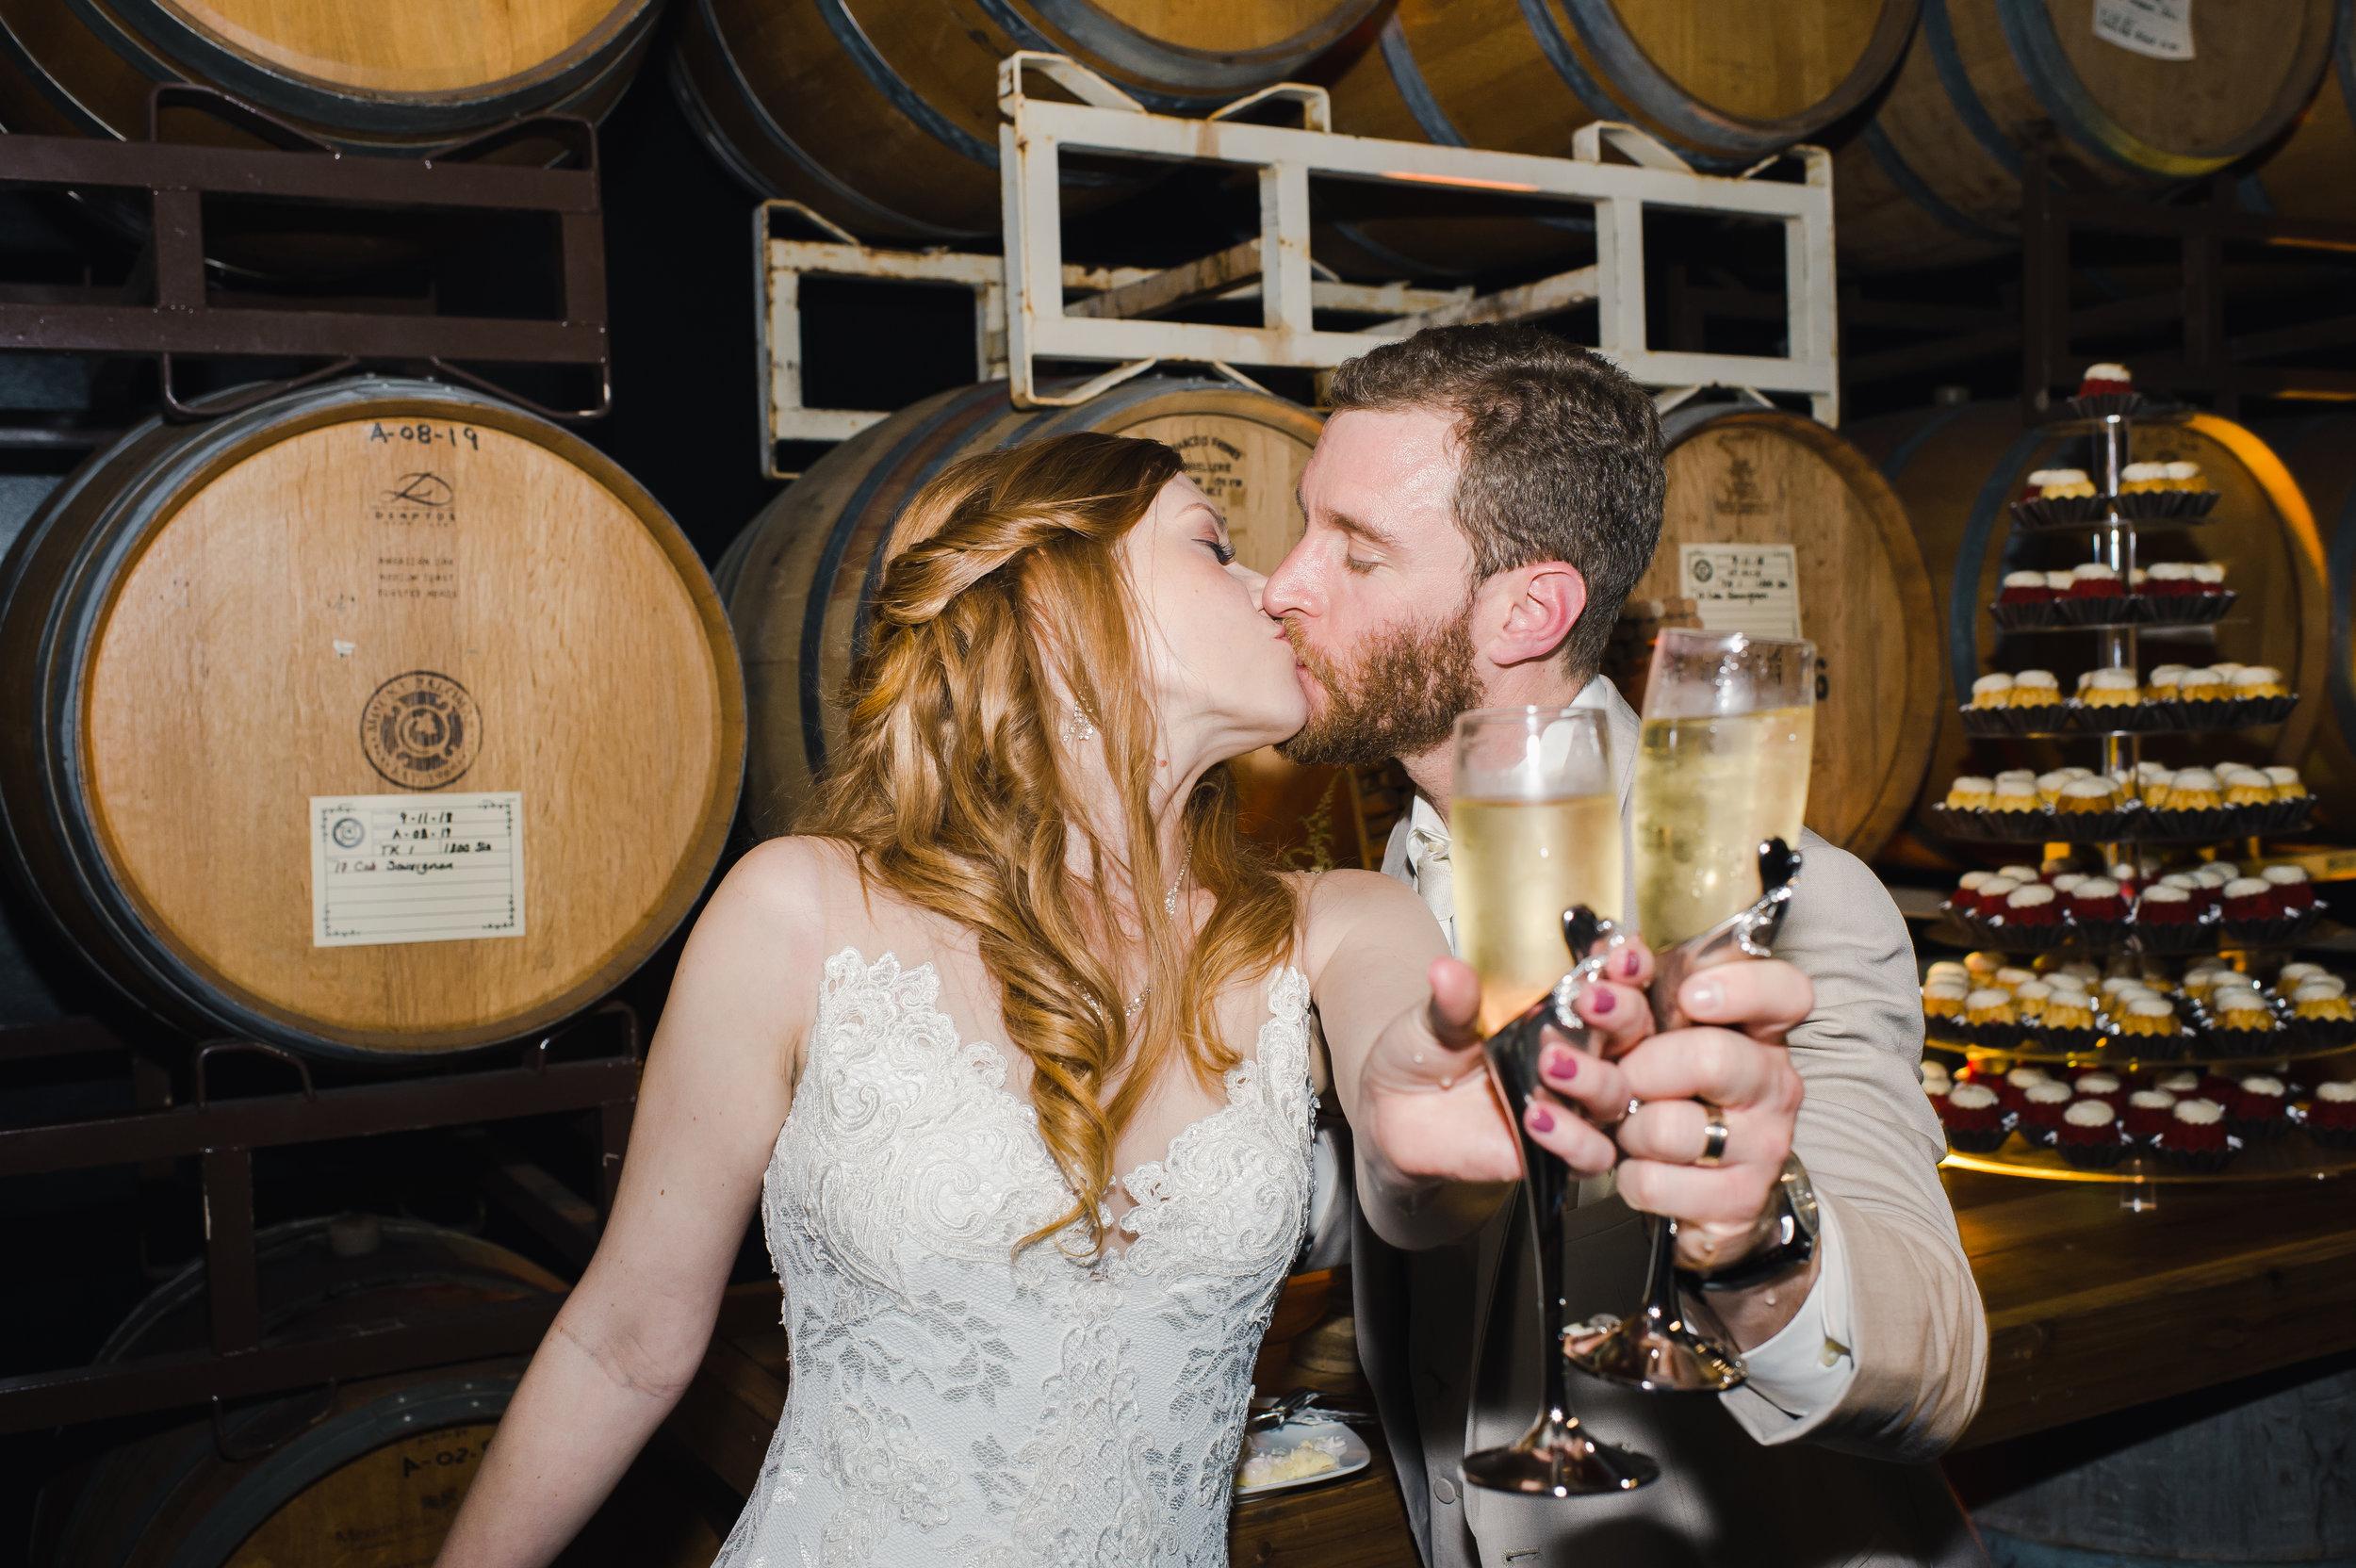 65mountpalomarwineryweddingpictures.jpg